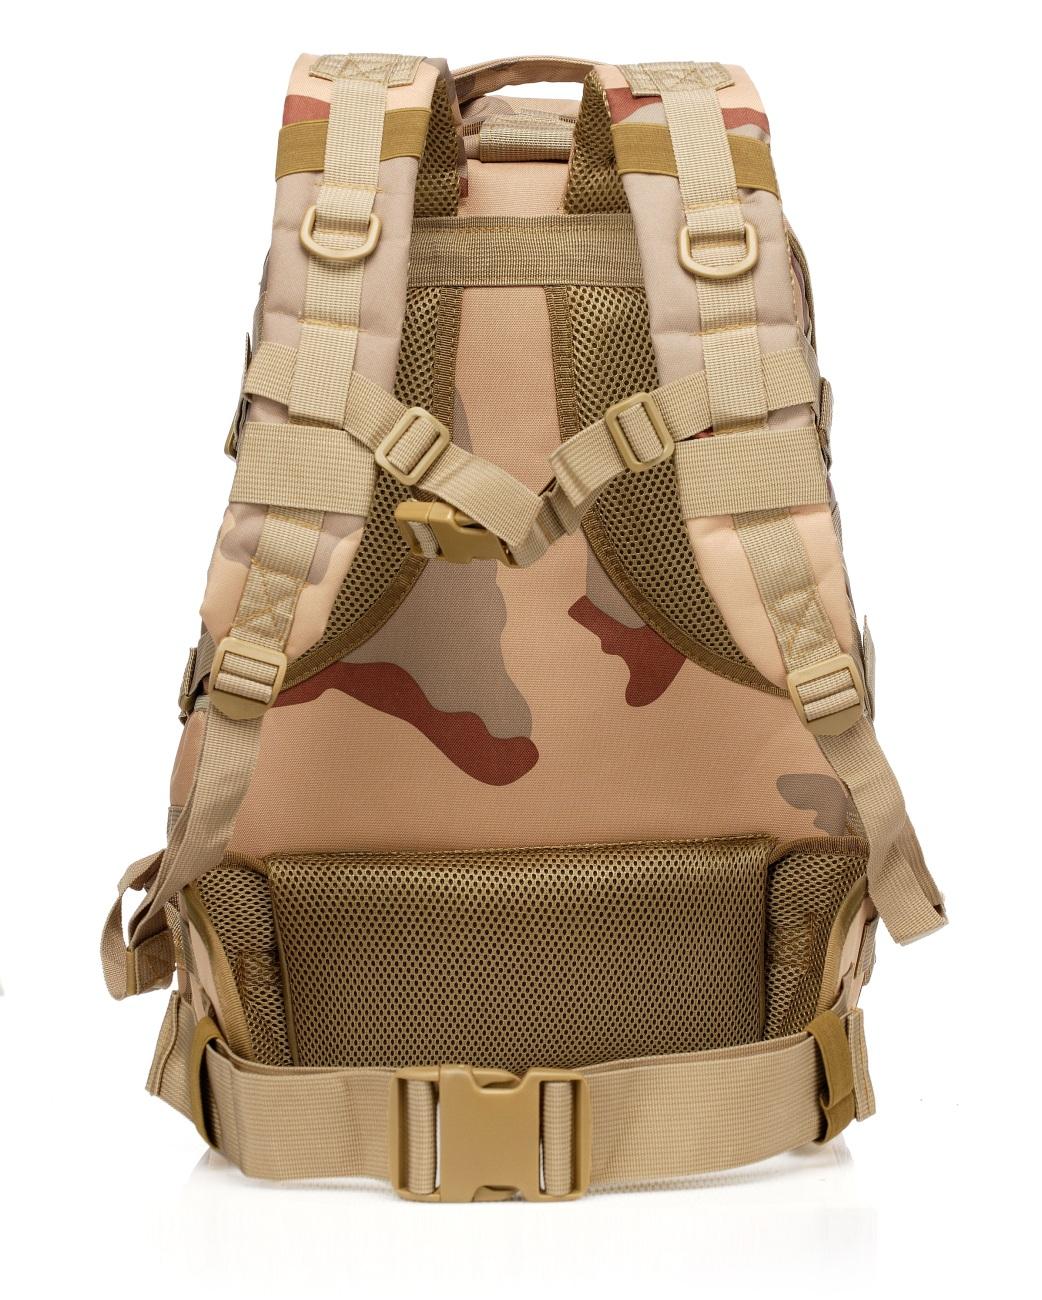 Лучший тактический рюкзак для активного отдыха с доставкой